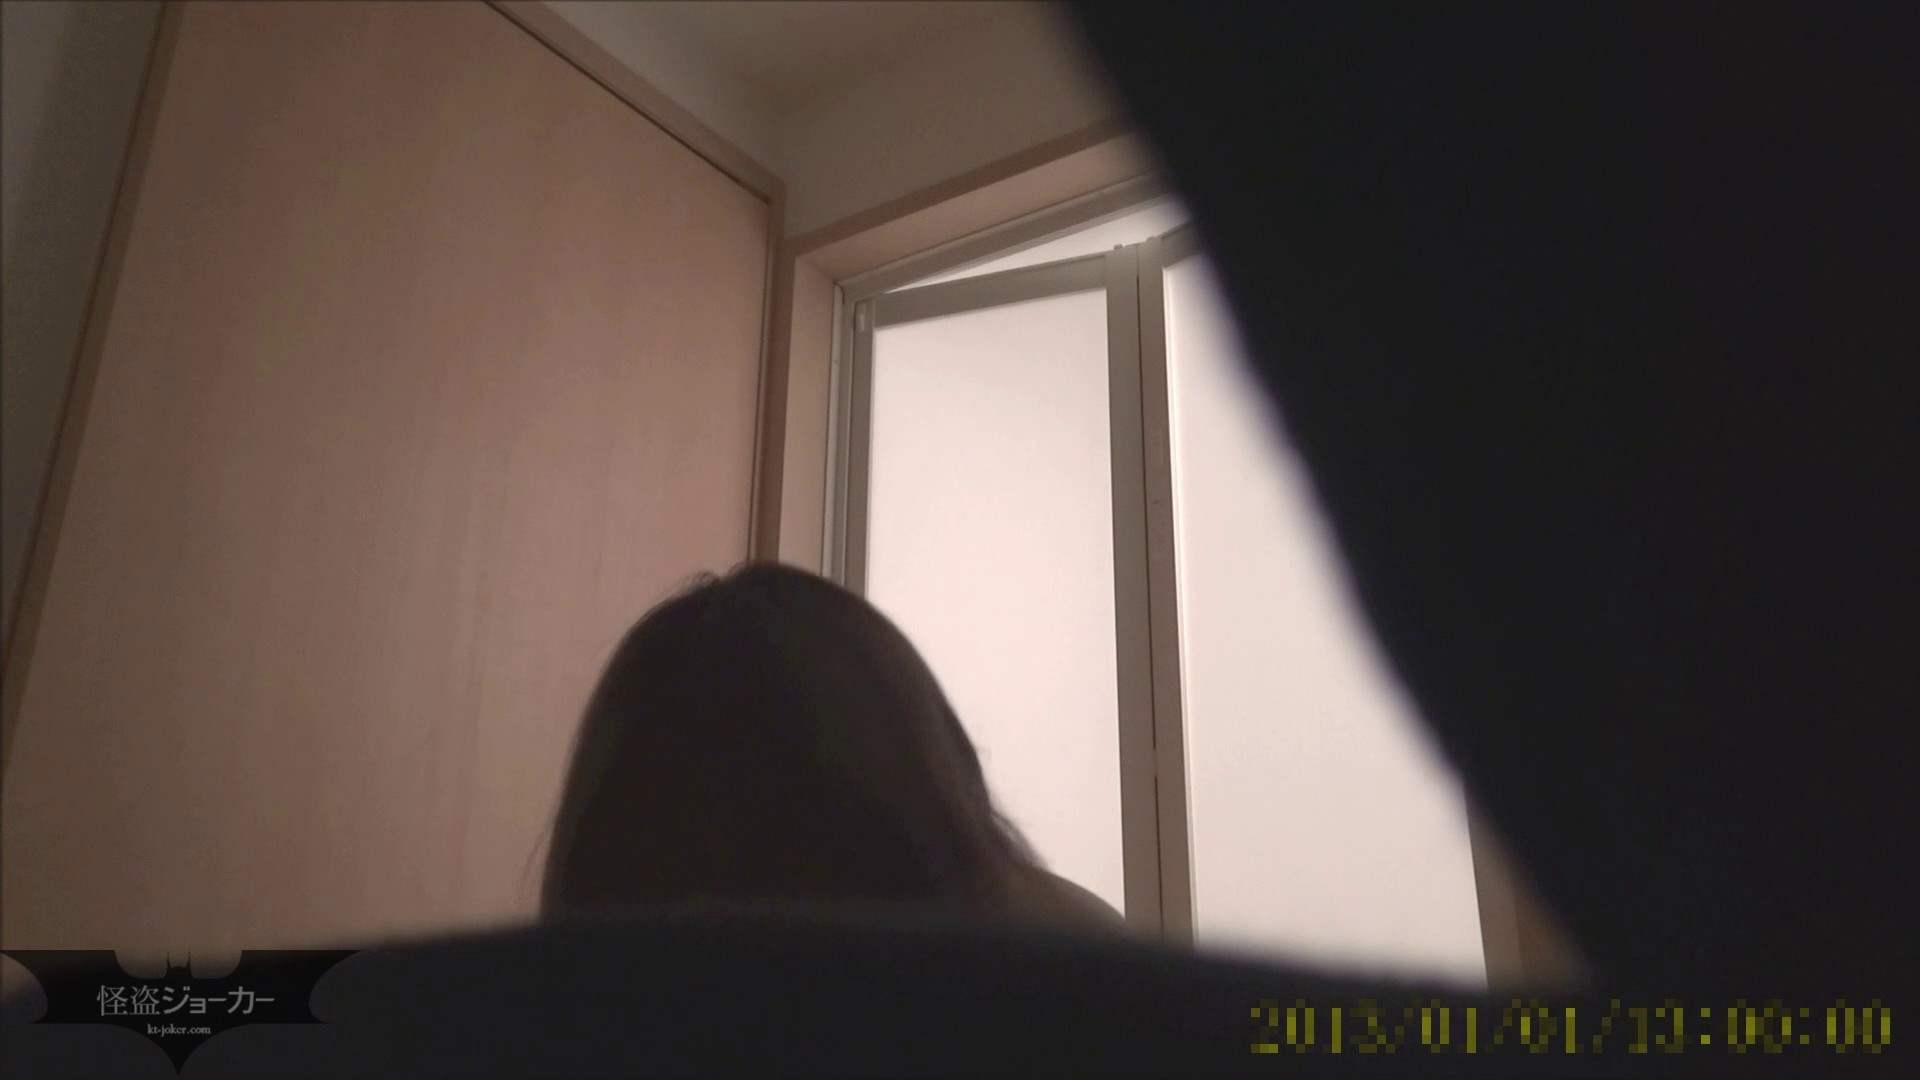 【未公開】vol.103  {黒髪→茶髪ボブに変身}美巨乳アミちゃん④【前編】 巨乳 ぱこり動画紹介 92画像 7